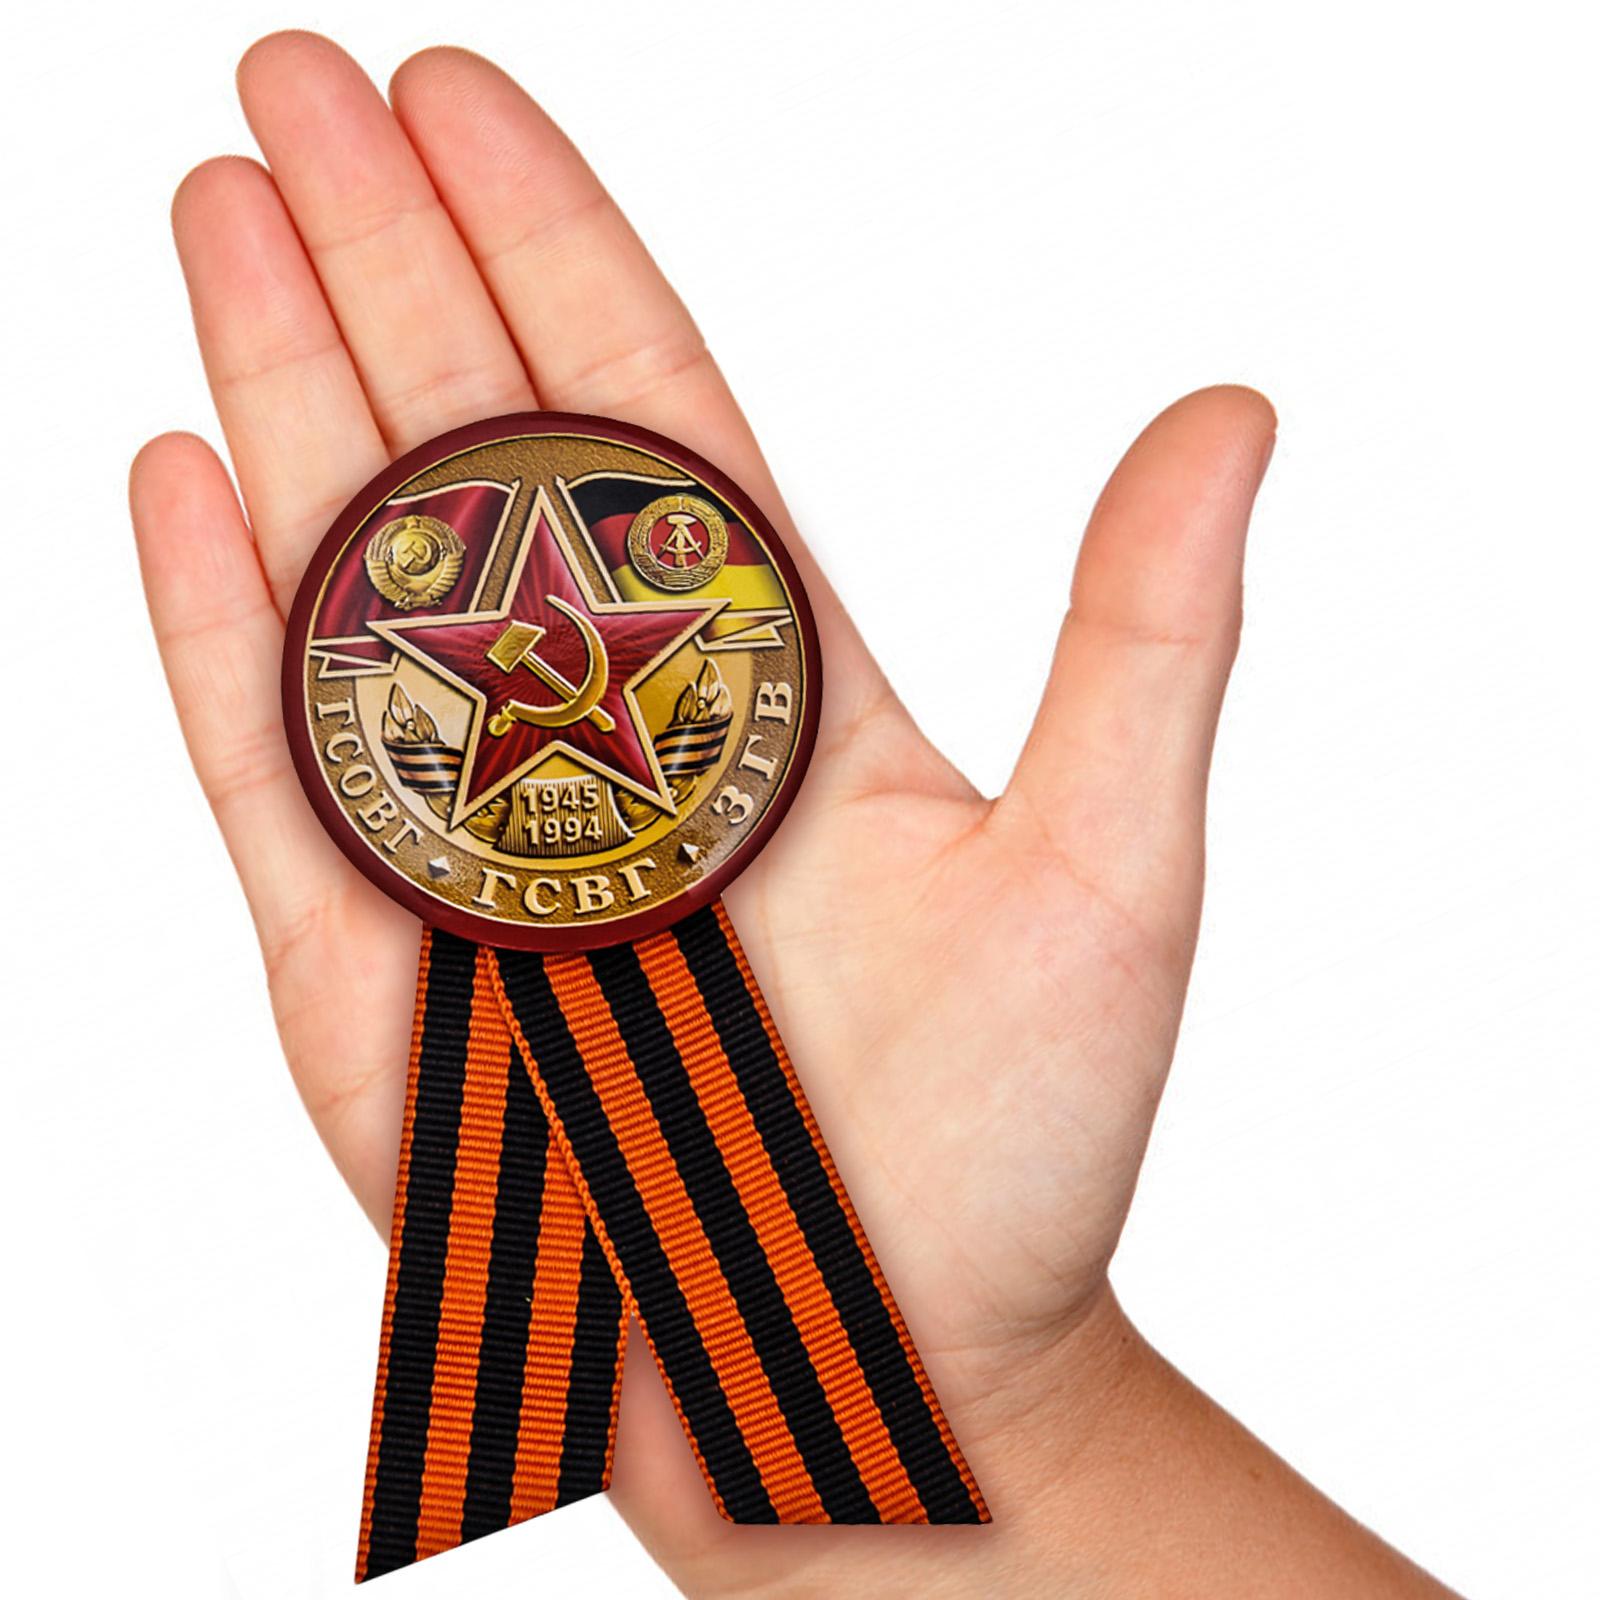 Заказать значок «ГСОВГ-ГСВГ-ЗГВ. 1945-1994»